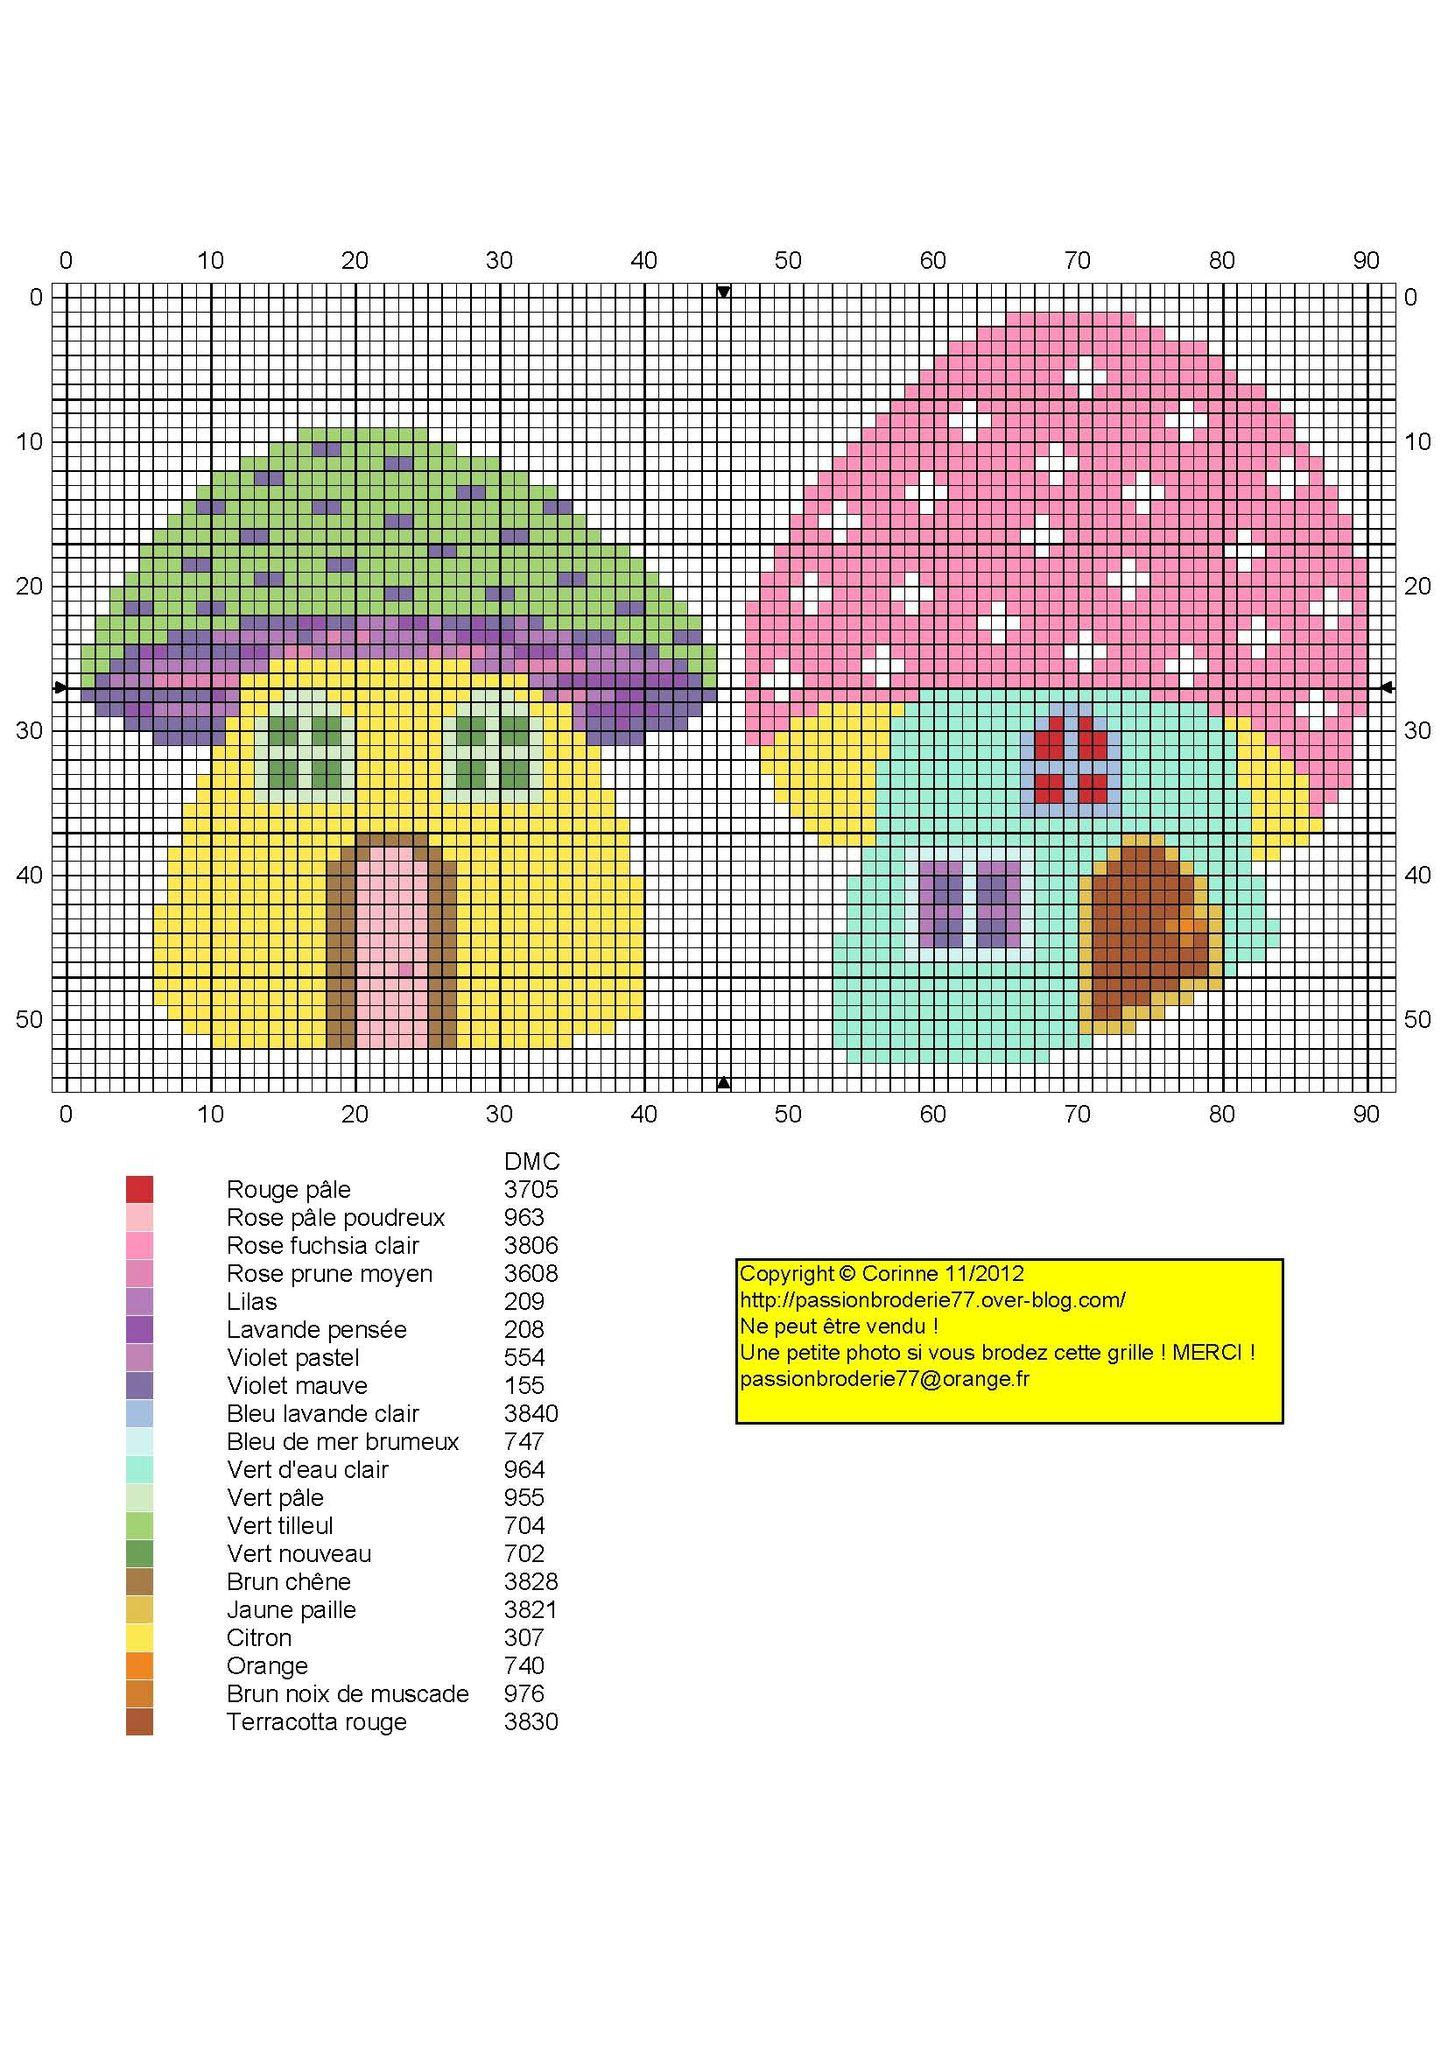 Maisons champignon